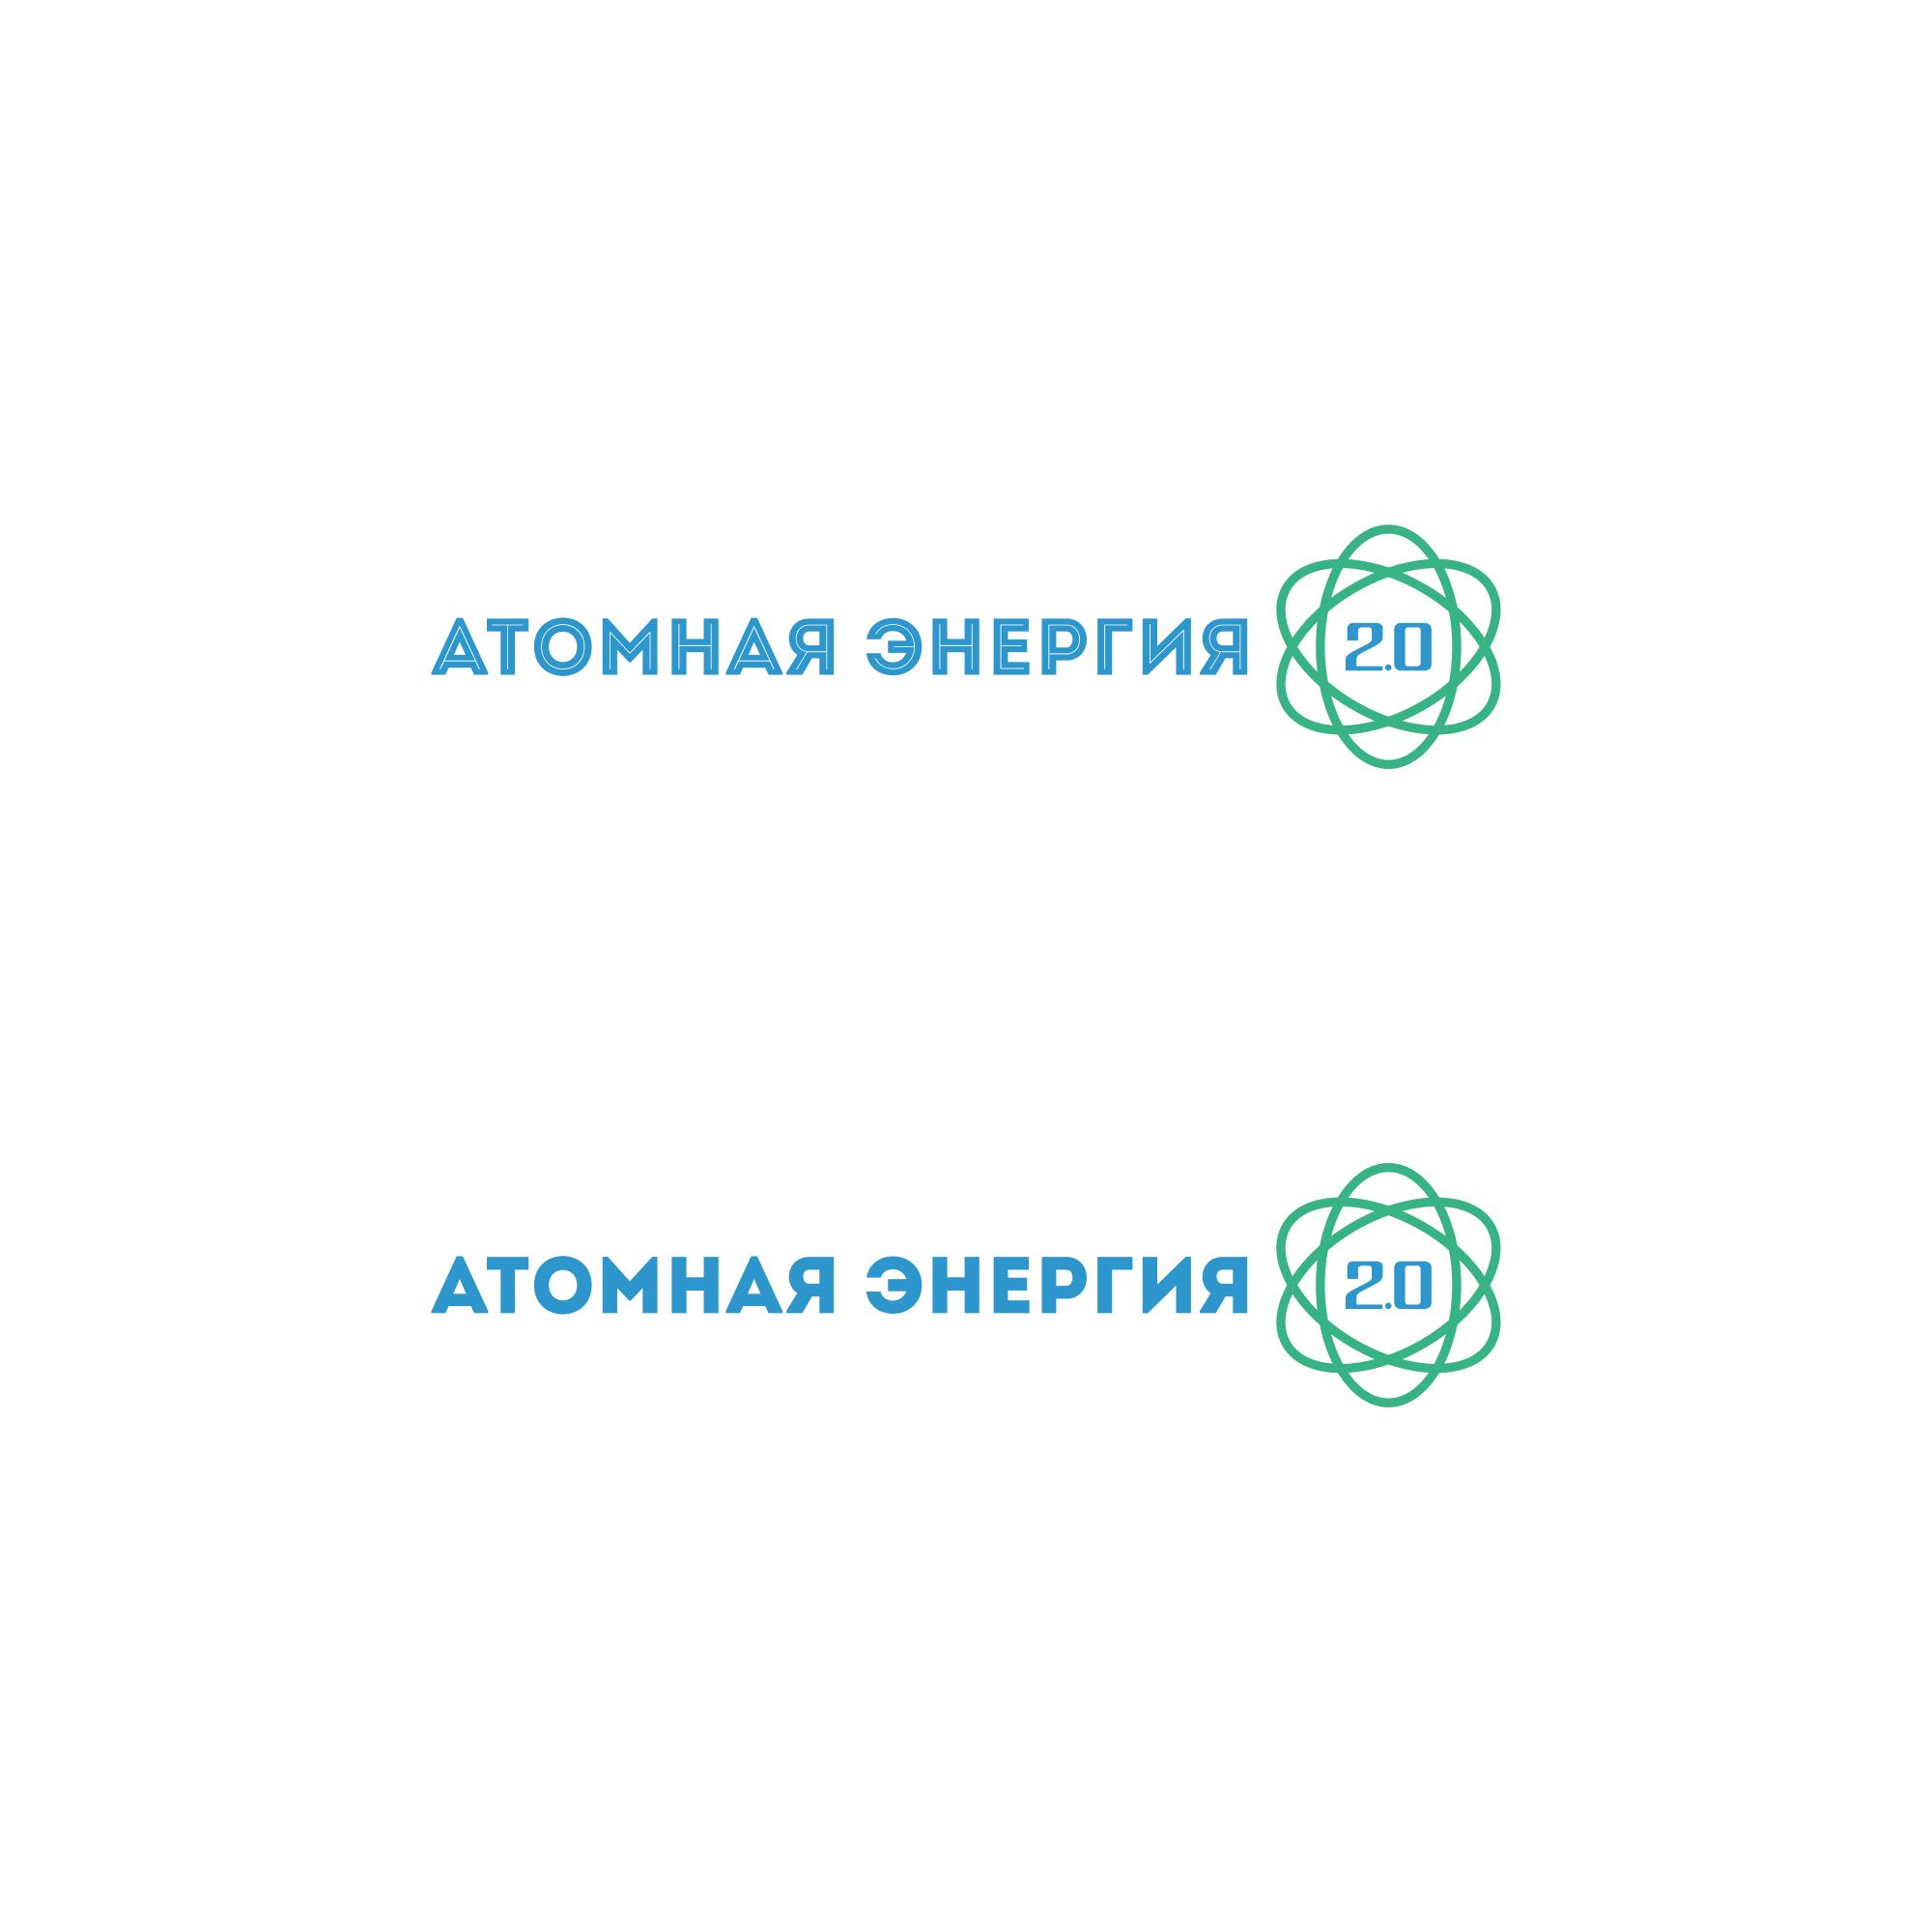 """Фирменный стиль для научного портала """"Атомная энергия 2.0"""" фото f_59859fd5b1fbbbc5.png"""